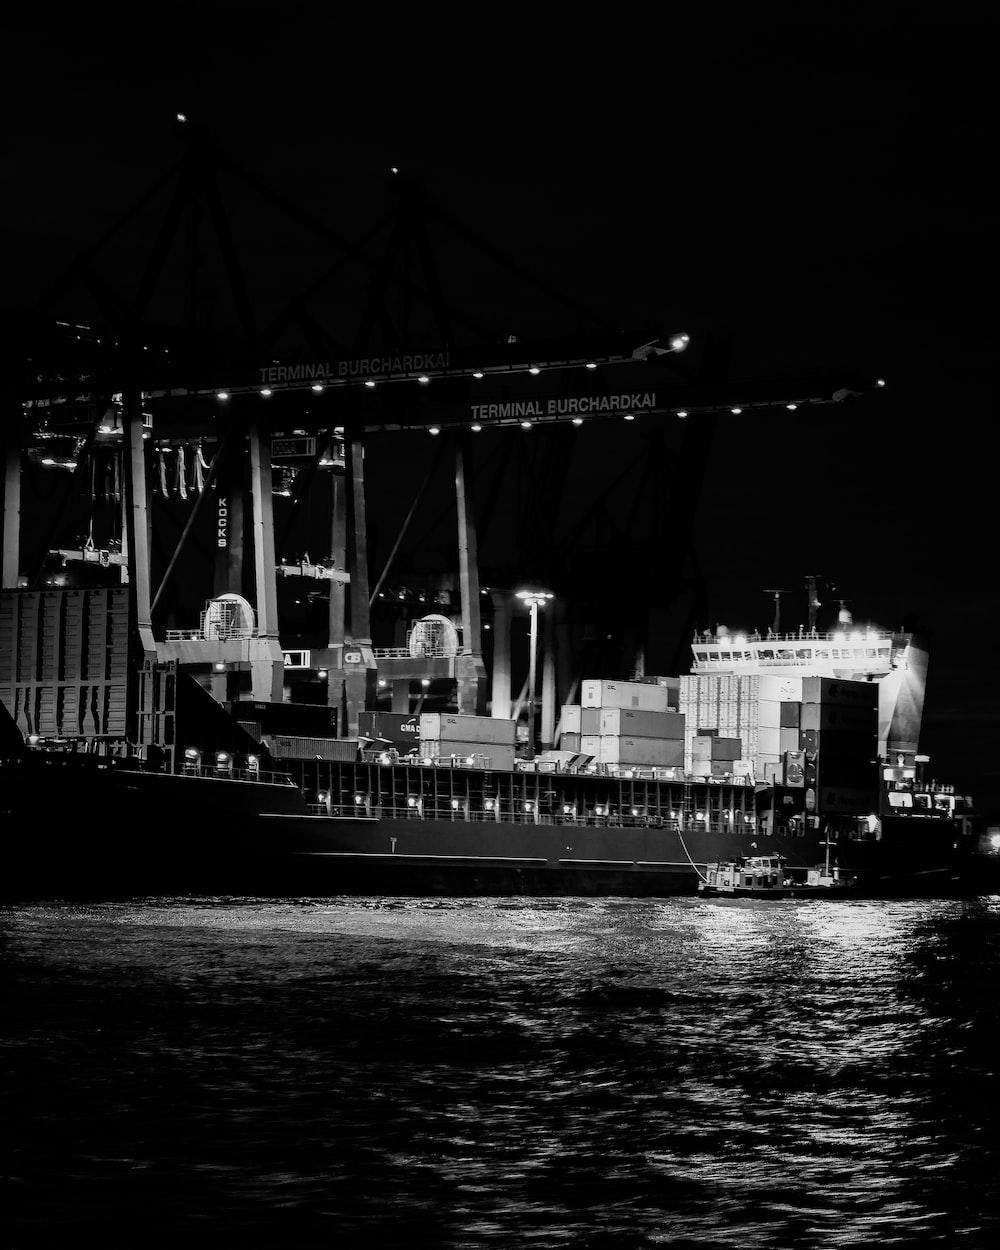 ship during night